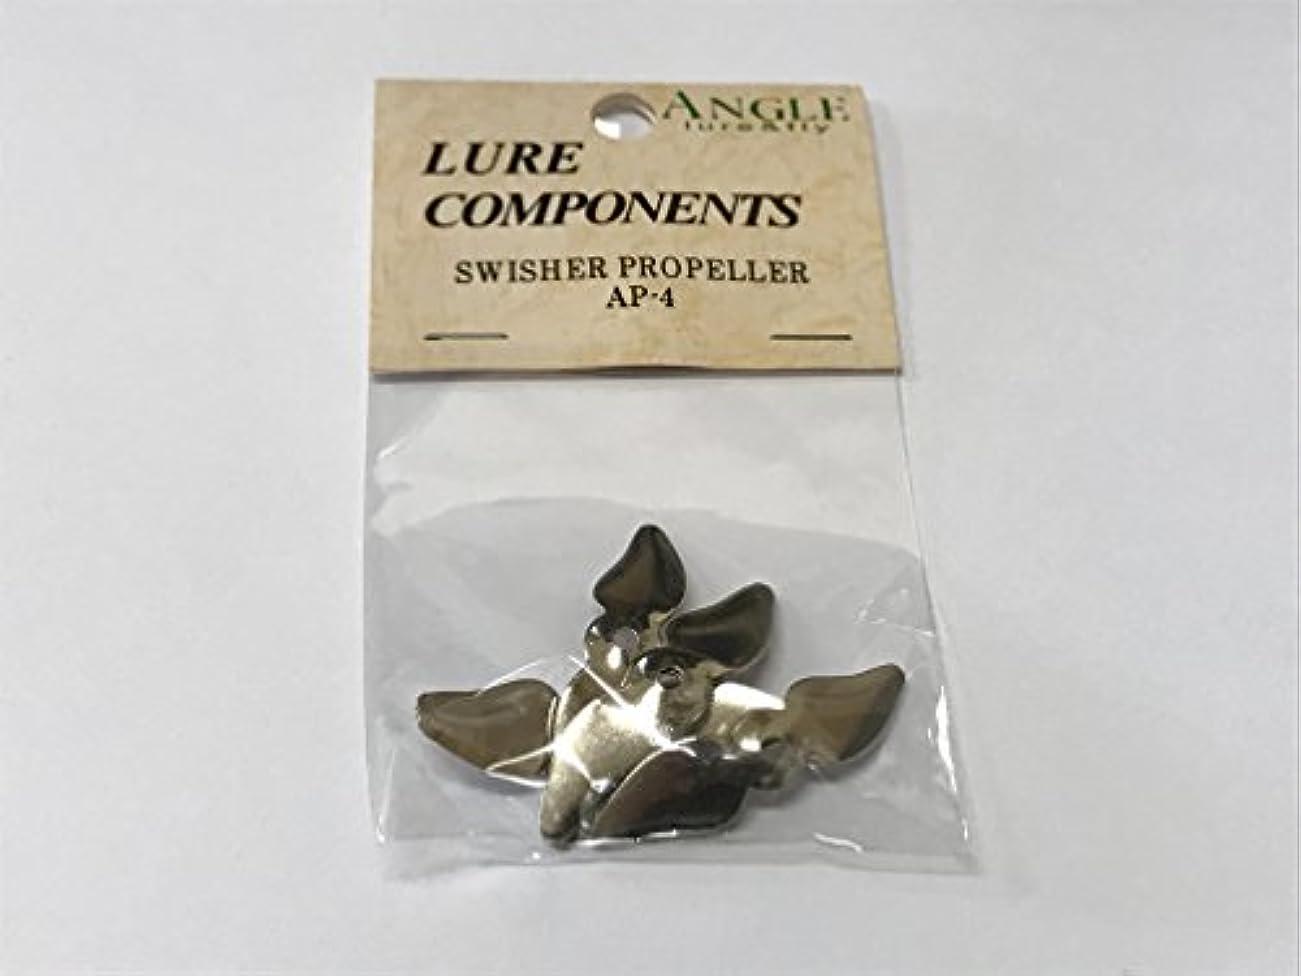 著作権ケーブルはっきりしないアングル スイッシャープロペラ AP-4